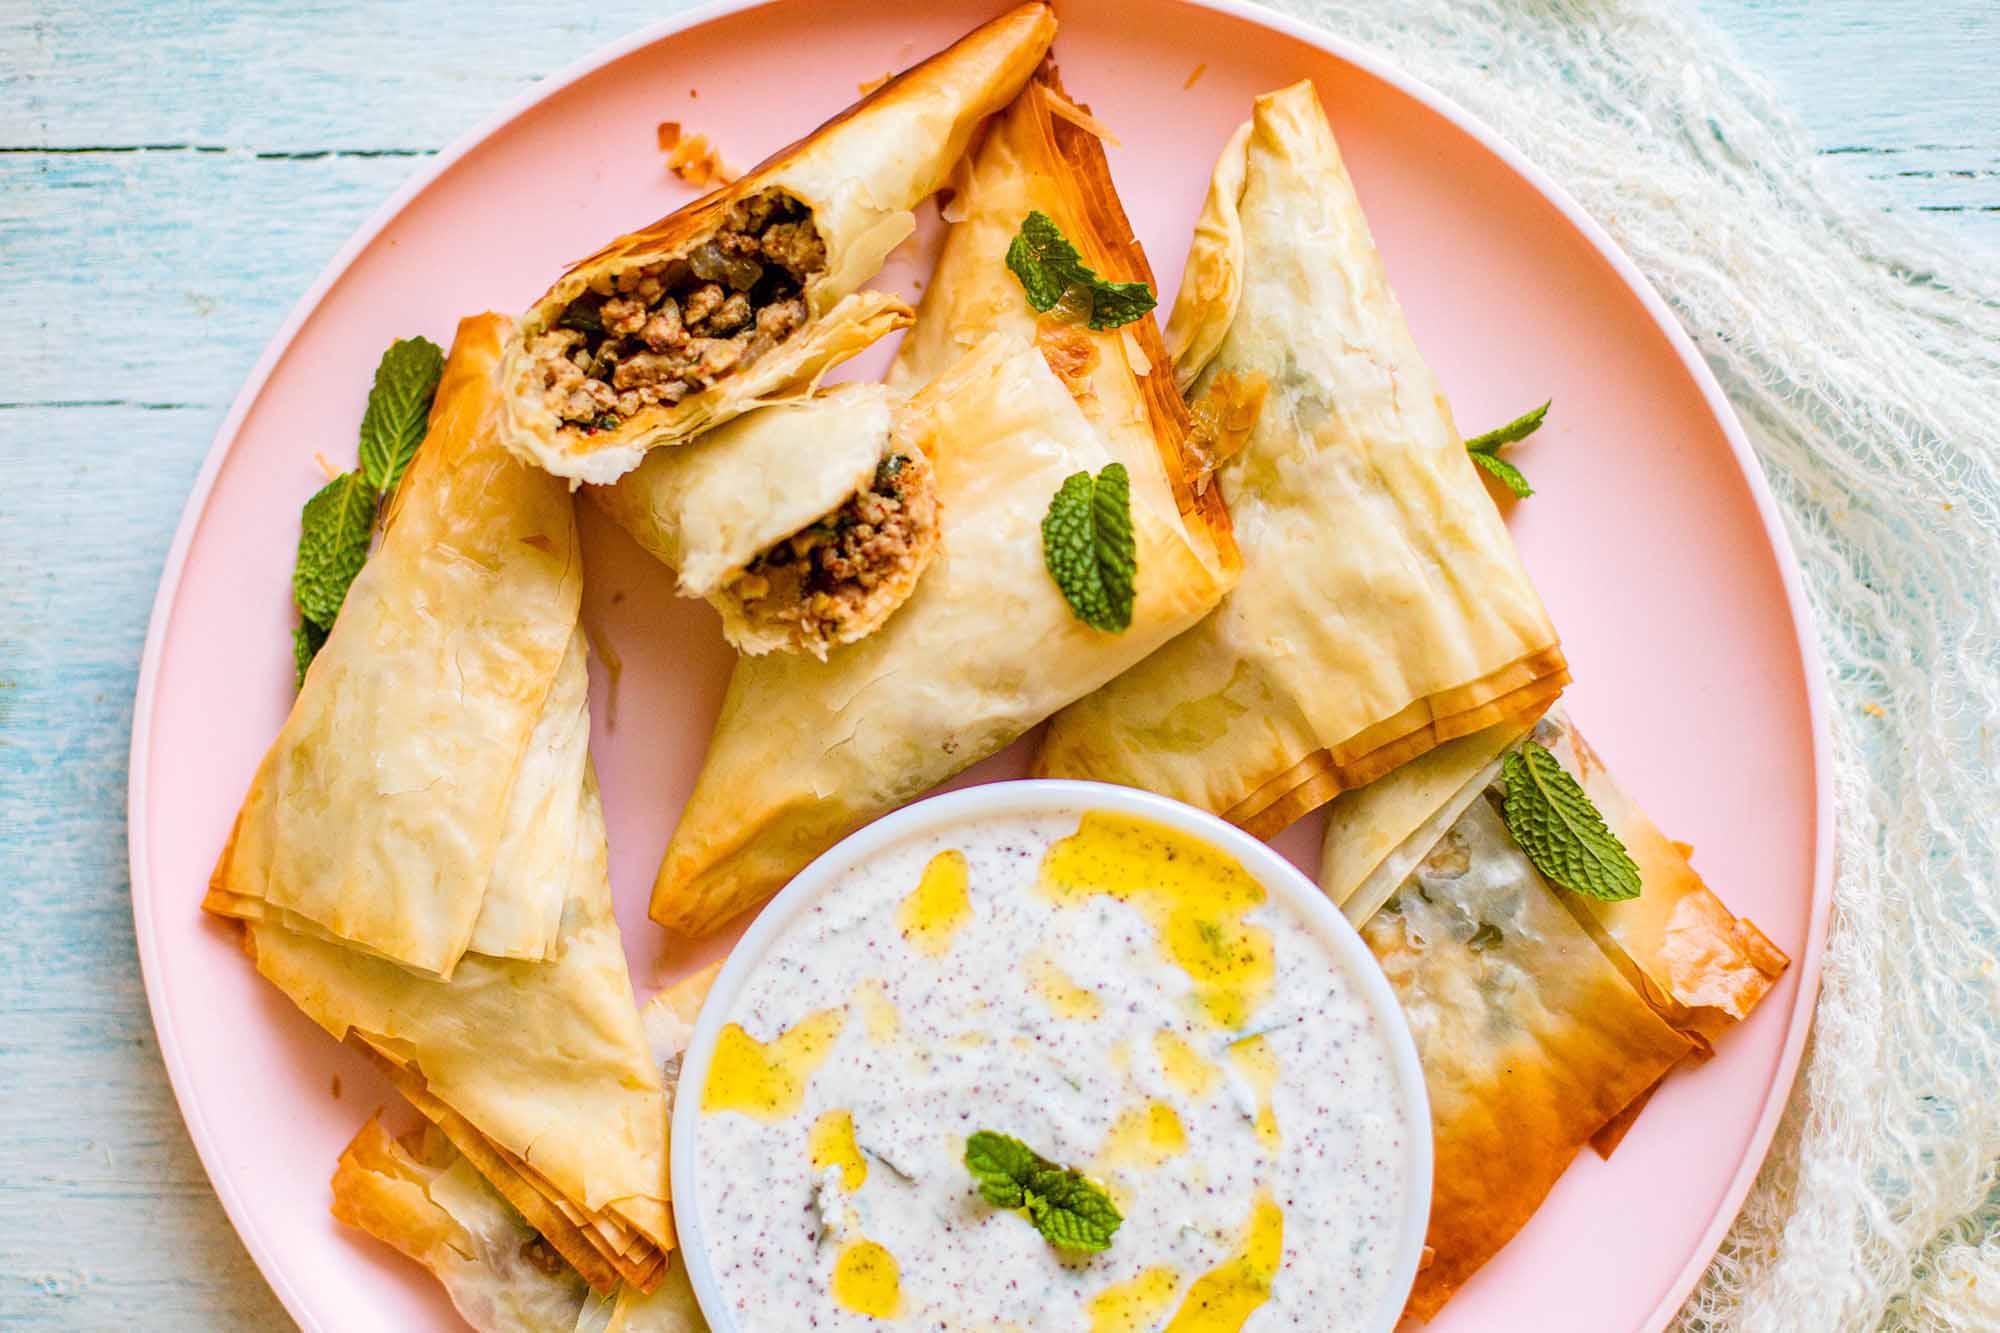 Запеченный индийский цыпленок Самоса Тикки Масала, сложенная в треугольник с мятным йогуртовым соусом на розовой тарелке с одной сломанной самосой.